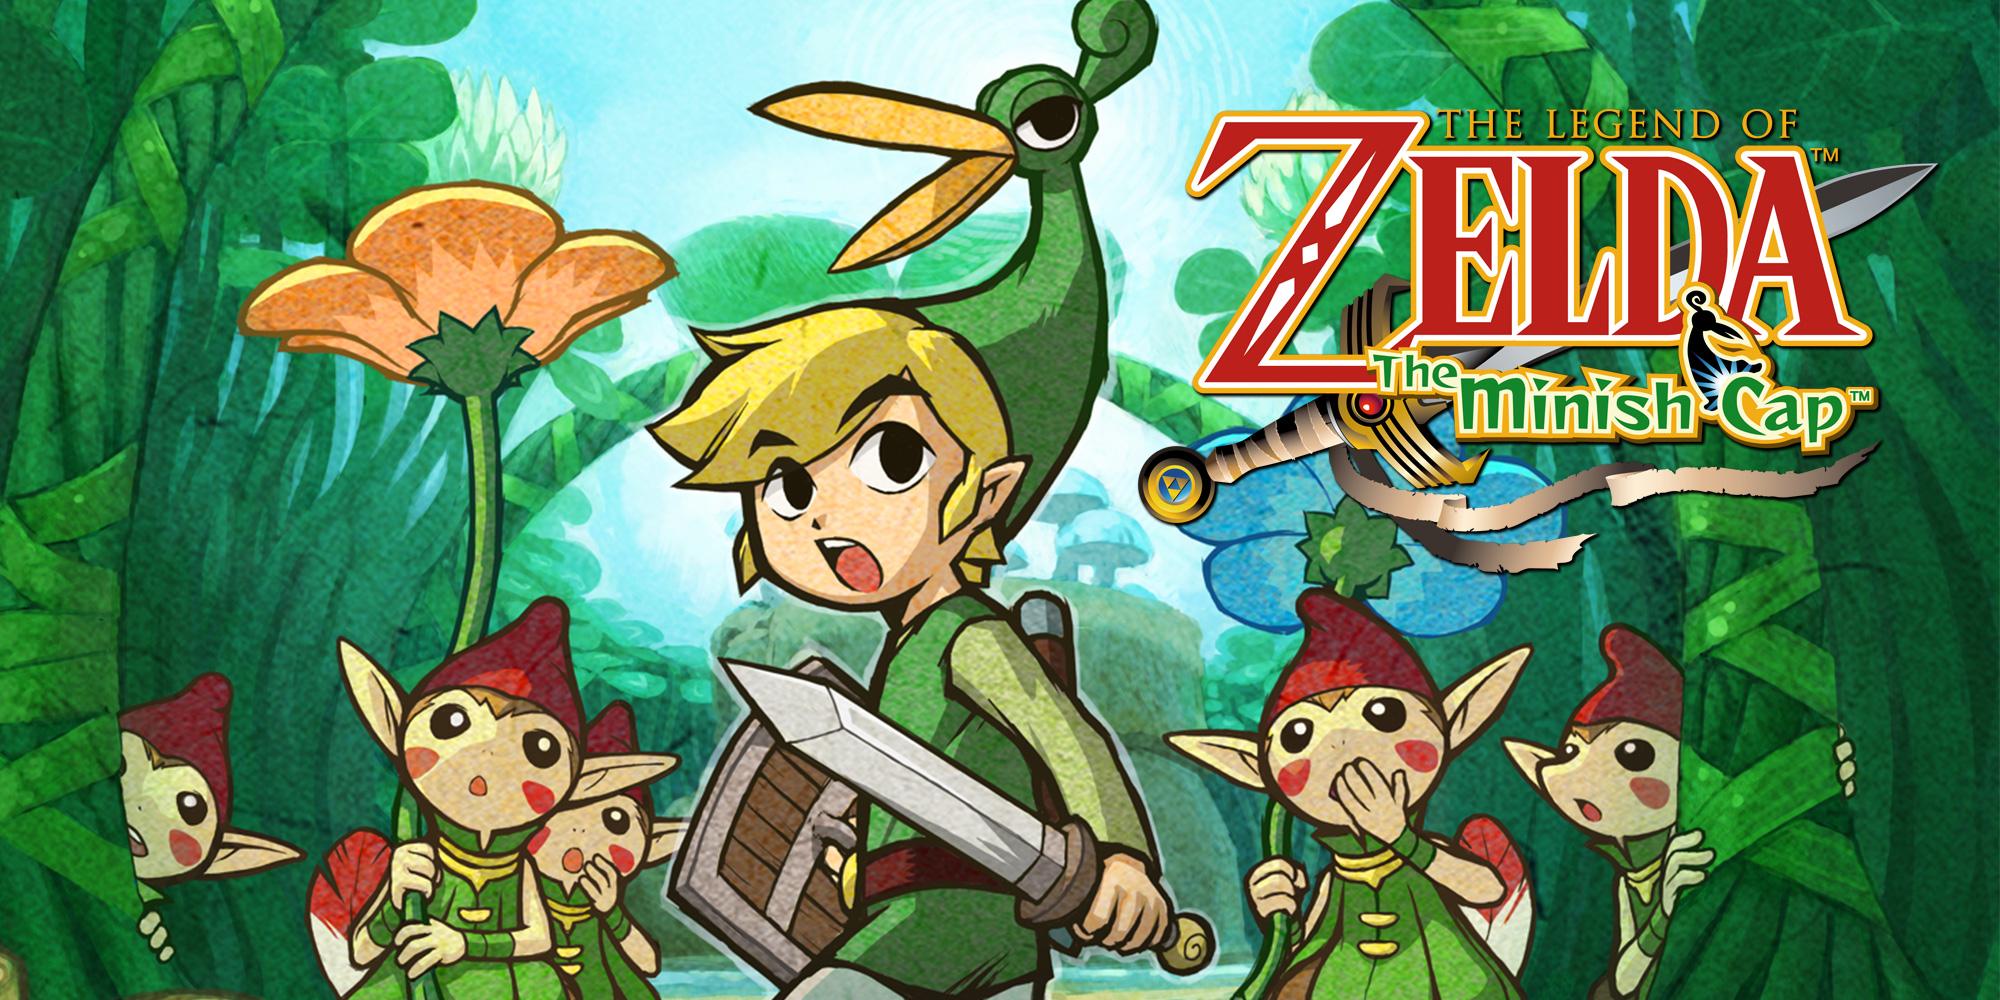 Wii u zelda release date in Brisbane